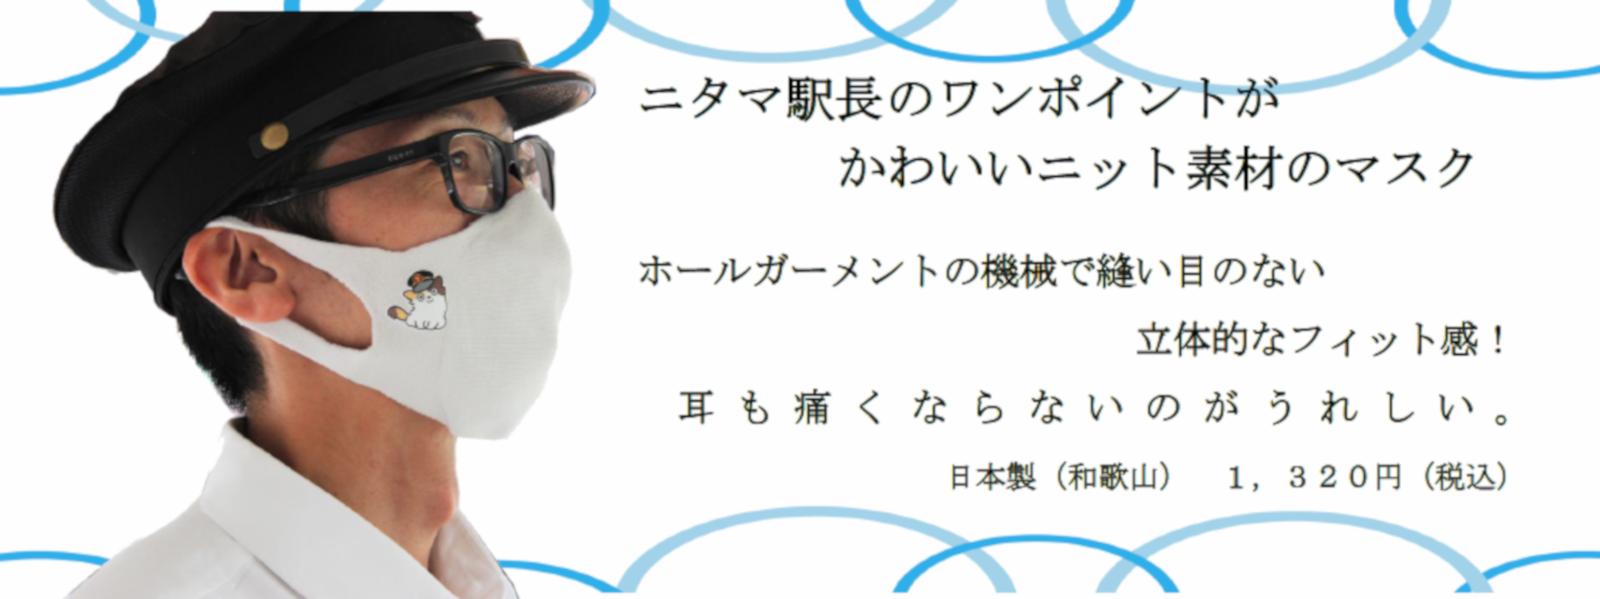 ニタママスク新発売です。